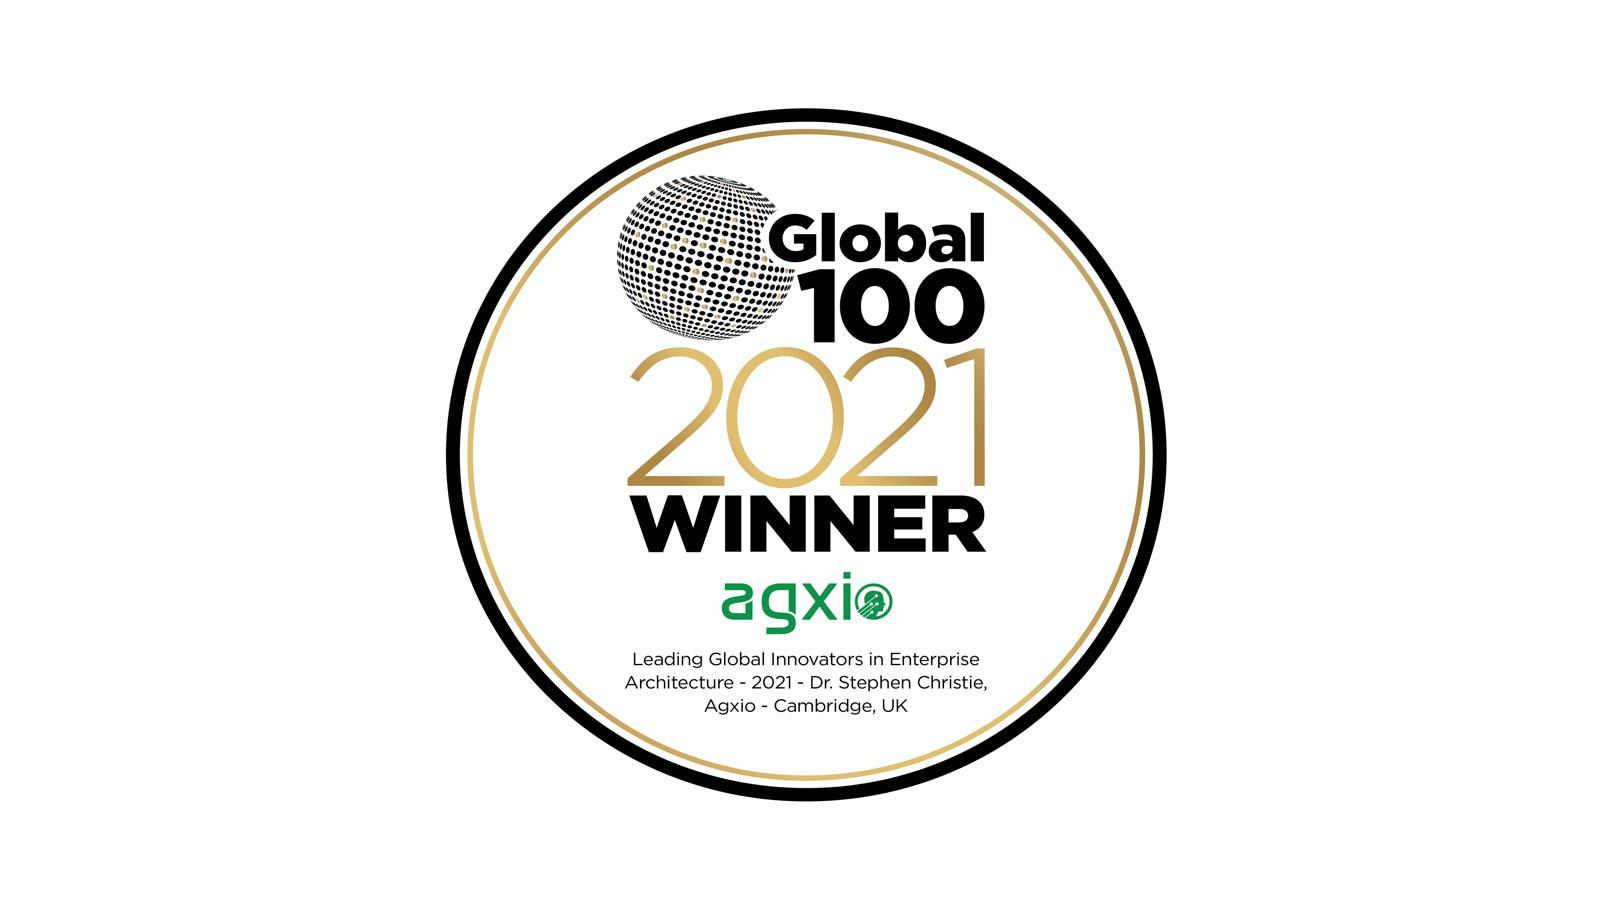 Global Top 100 2021 Winner Agxio